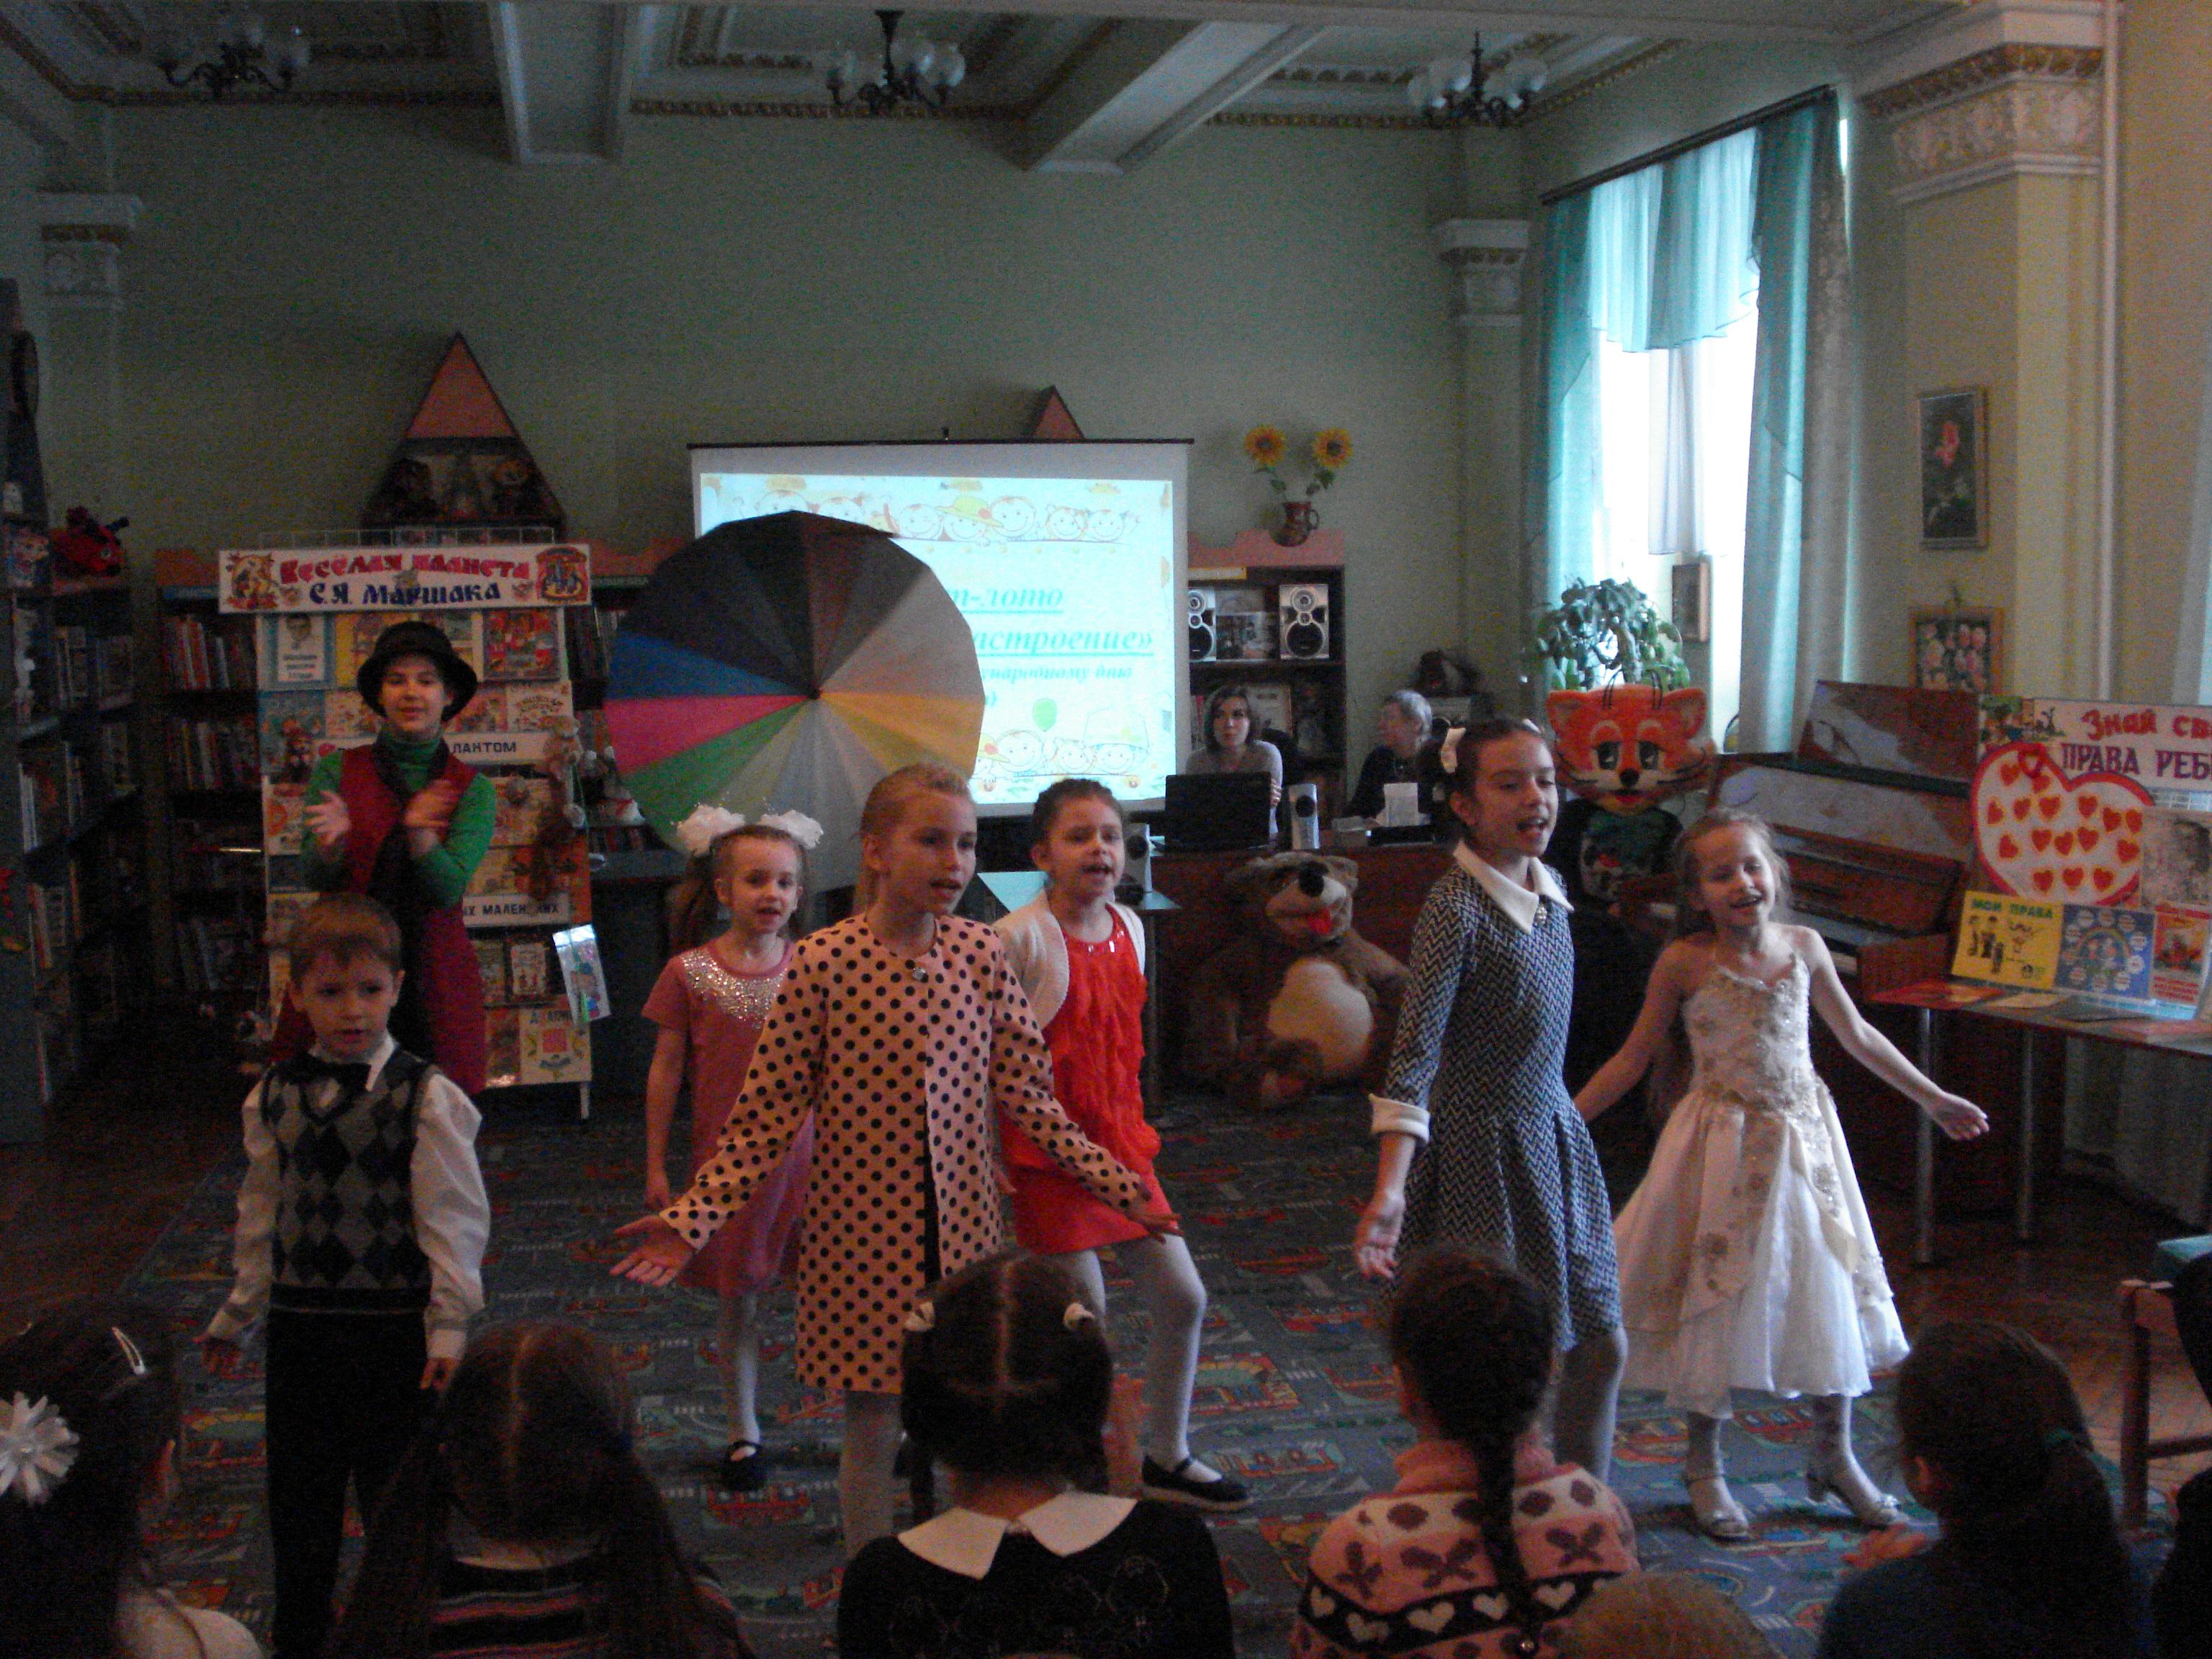 права ребенка, детям о правах, донецкая республиканская библиотека для детей, отдел обслуживания дошкольников и учащихся 1-4 классов